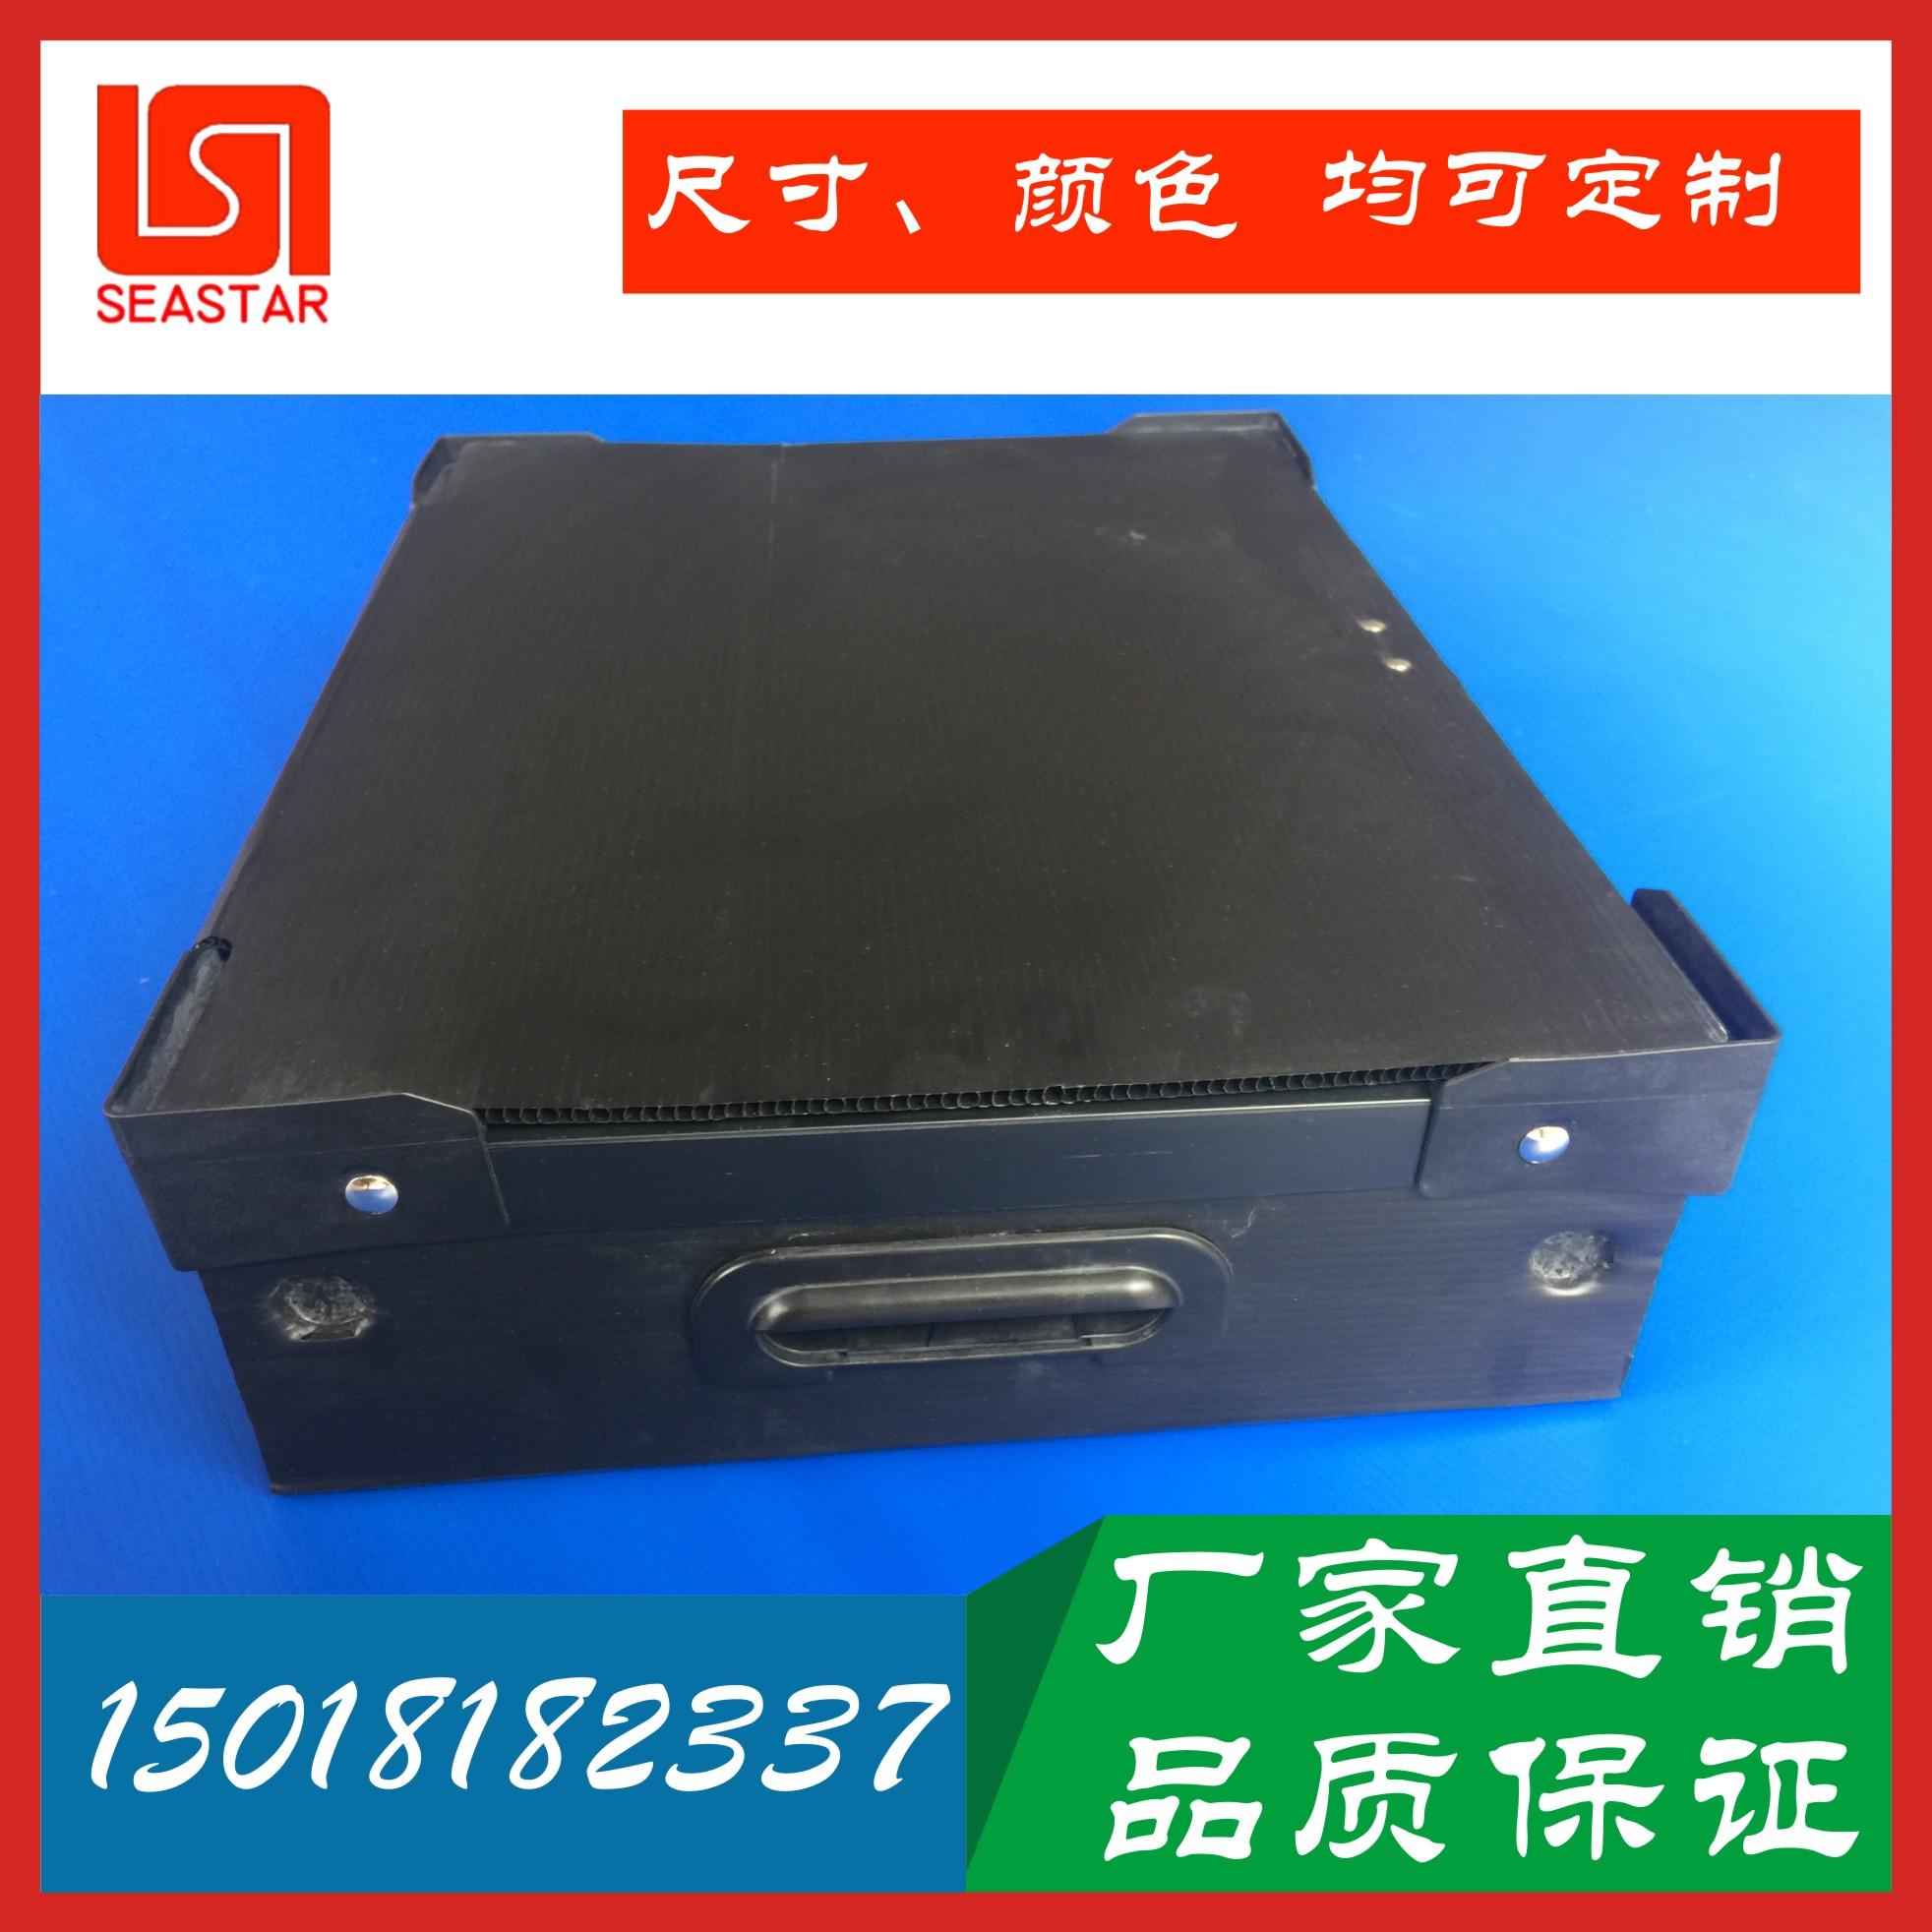 珠海厂家供应黑色防静电中空板周转箱 厂家直销   品质保证